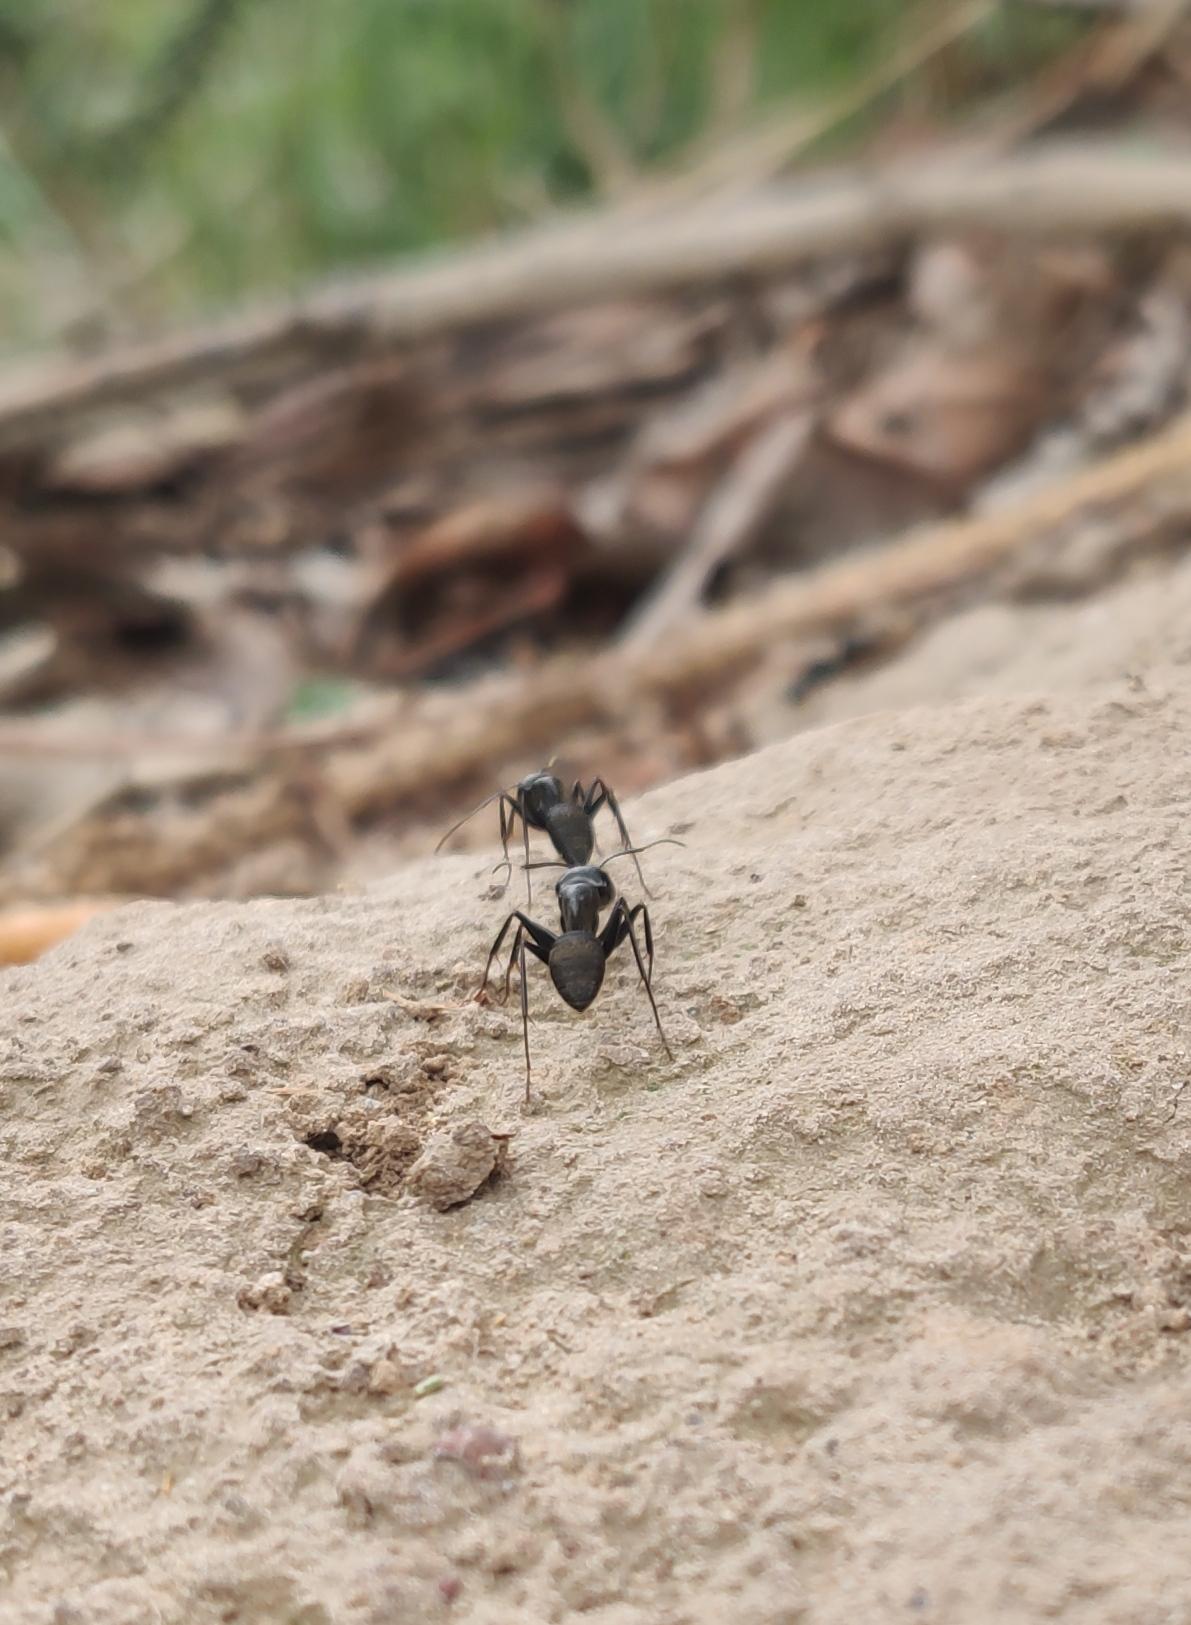 奥利给,一点一点来总比不动强—-像这只蚂蚁一样插图